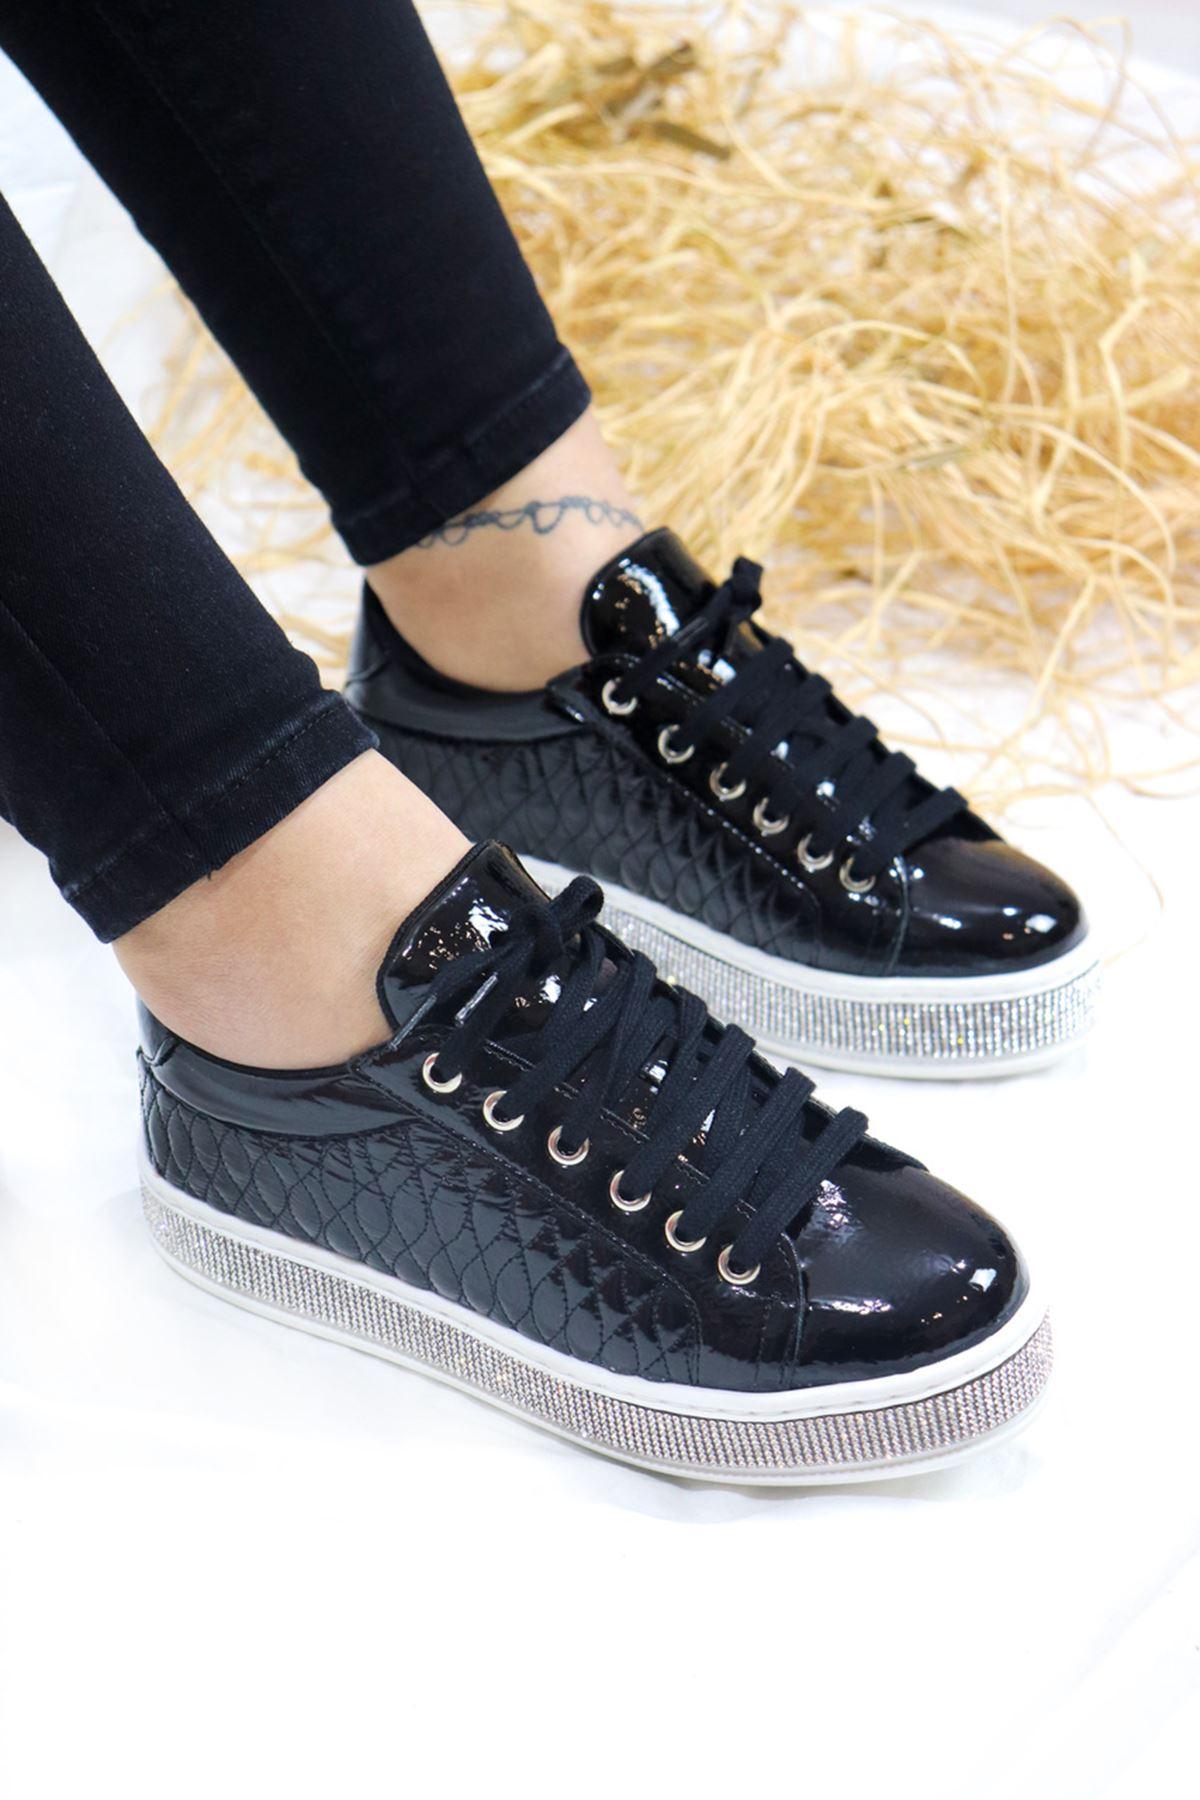 Trendayakkabı - Siyah Rugan Taş detaylı Kadın Spor Ayakkabısı